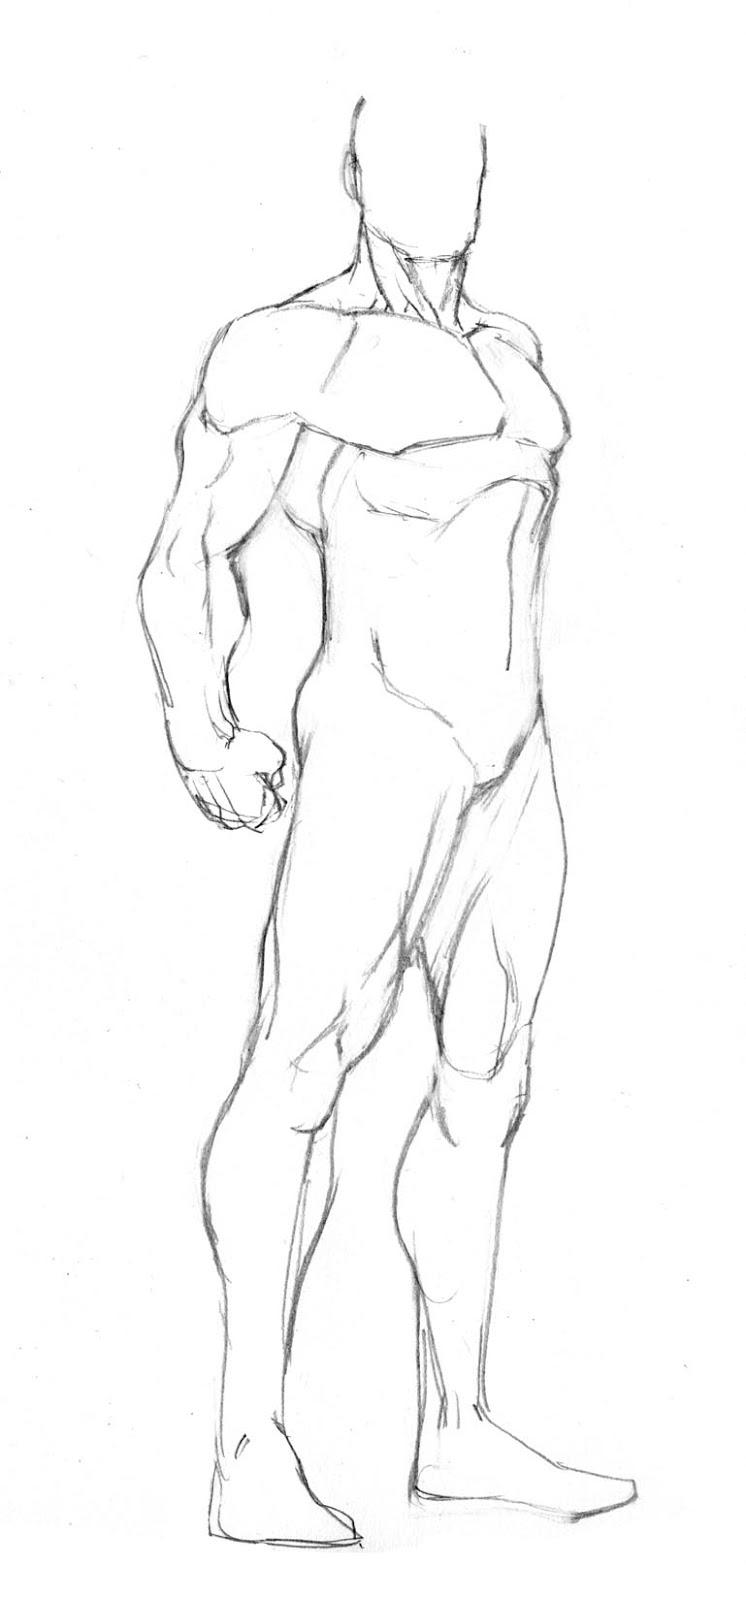 746x1600 More Figure Templates Robert Atkins Art